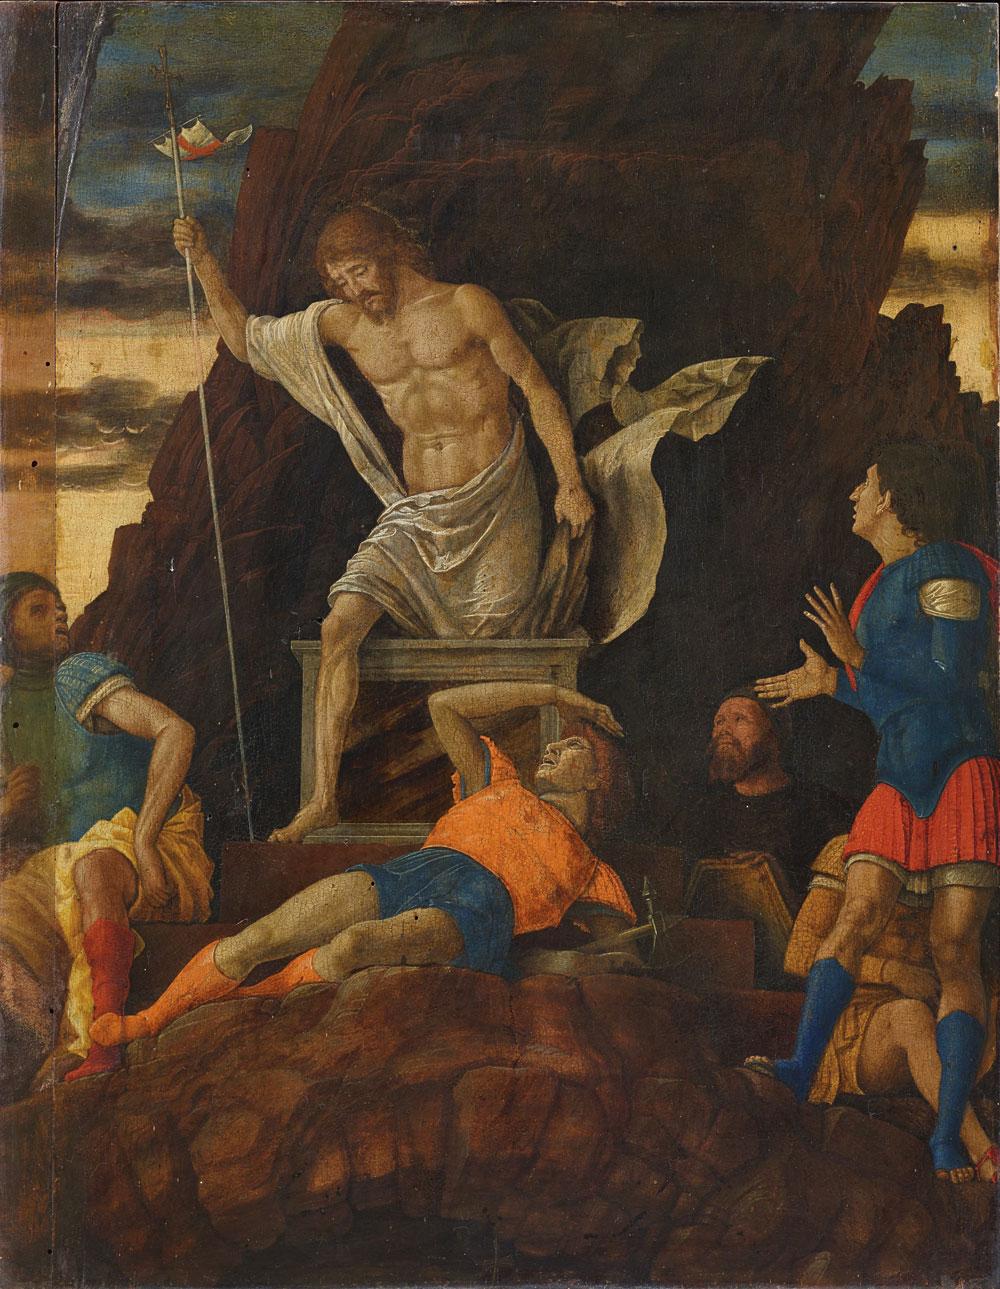 Il pubblico potrà assistere in diretta al restauro della Resurrezione attribuita a Mantegna all'Accademia Carrara